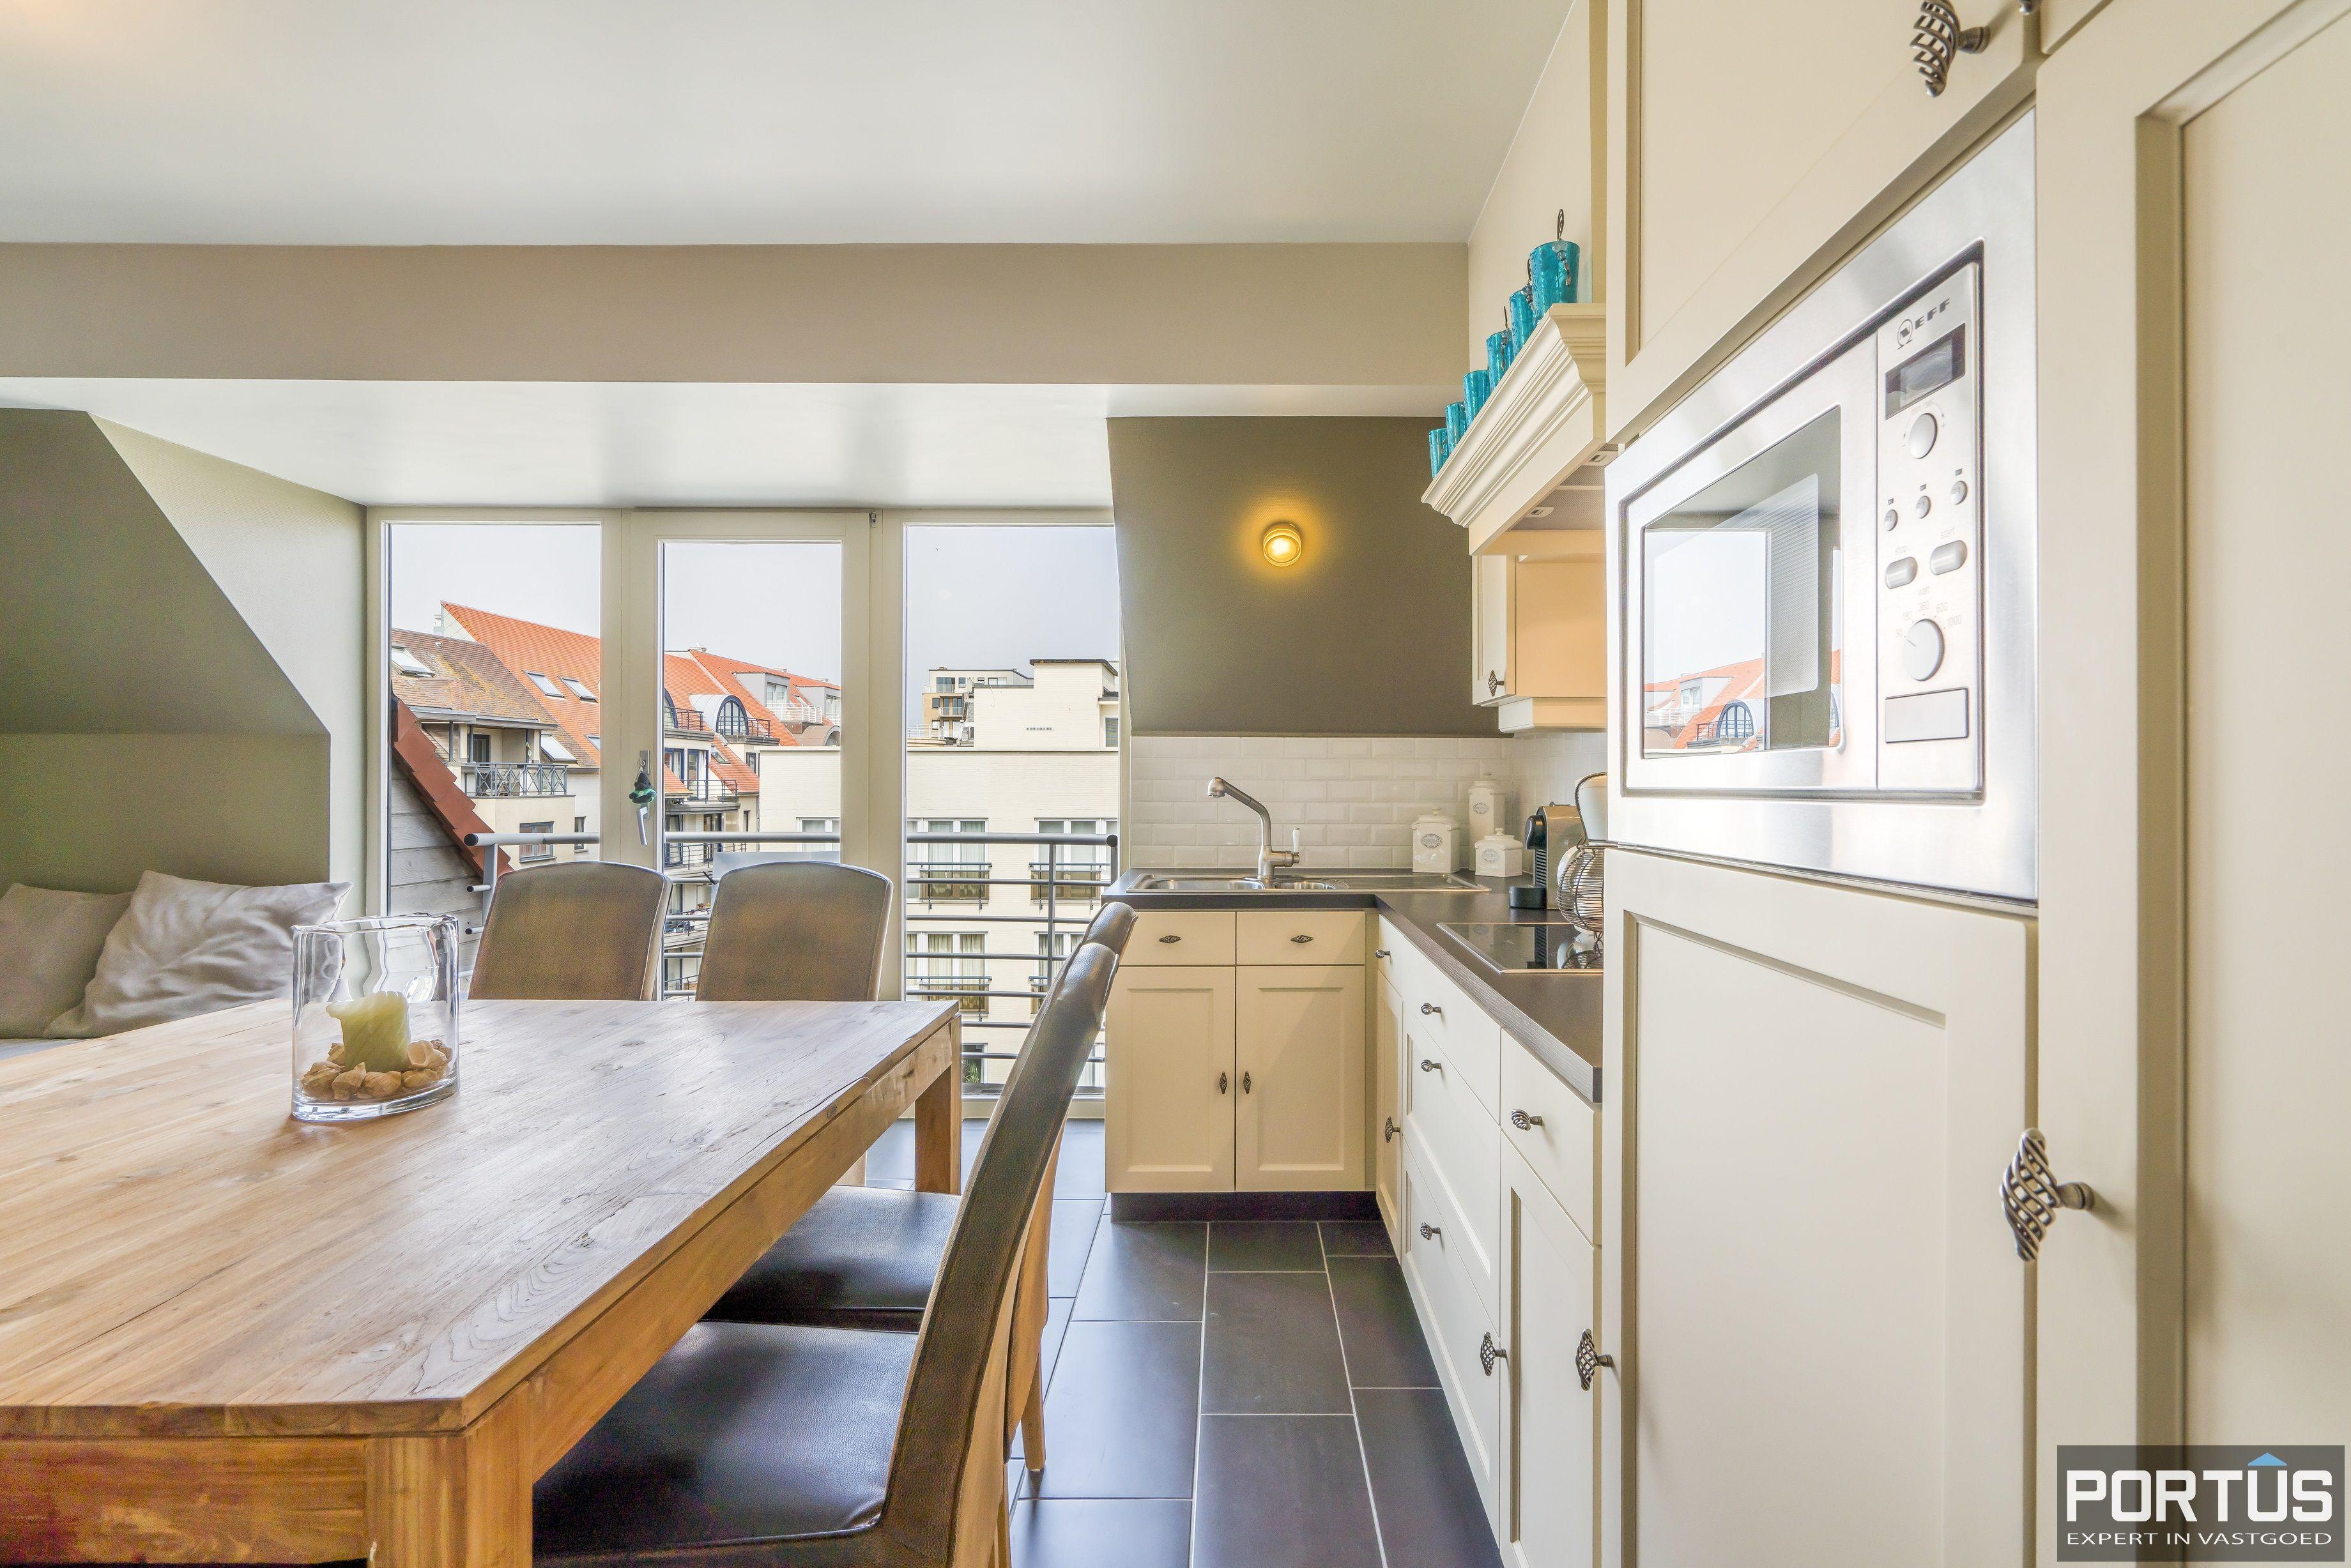 Appartement op wandelafstand van het strand te koop te Nieuwpoort-Bad - 13178